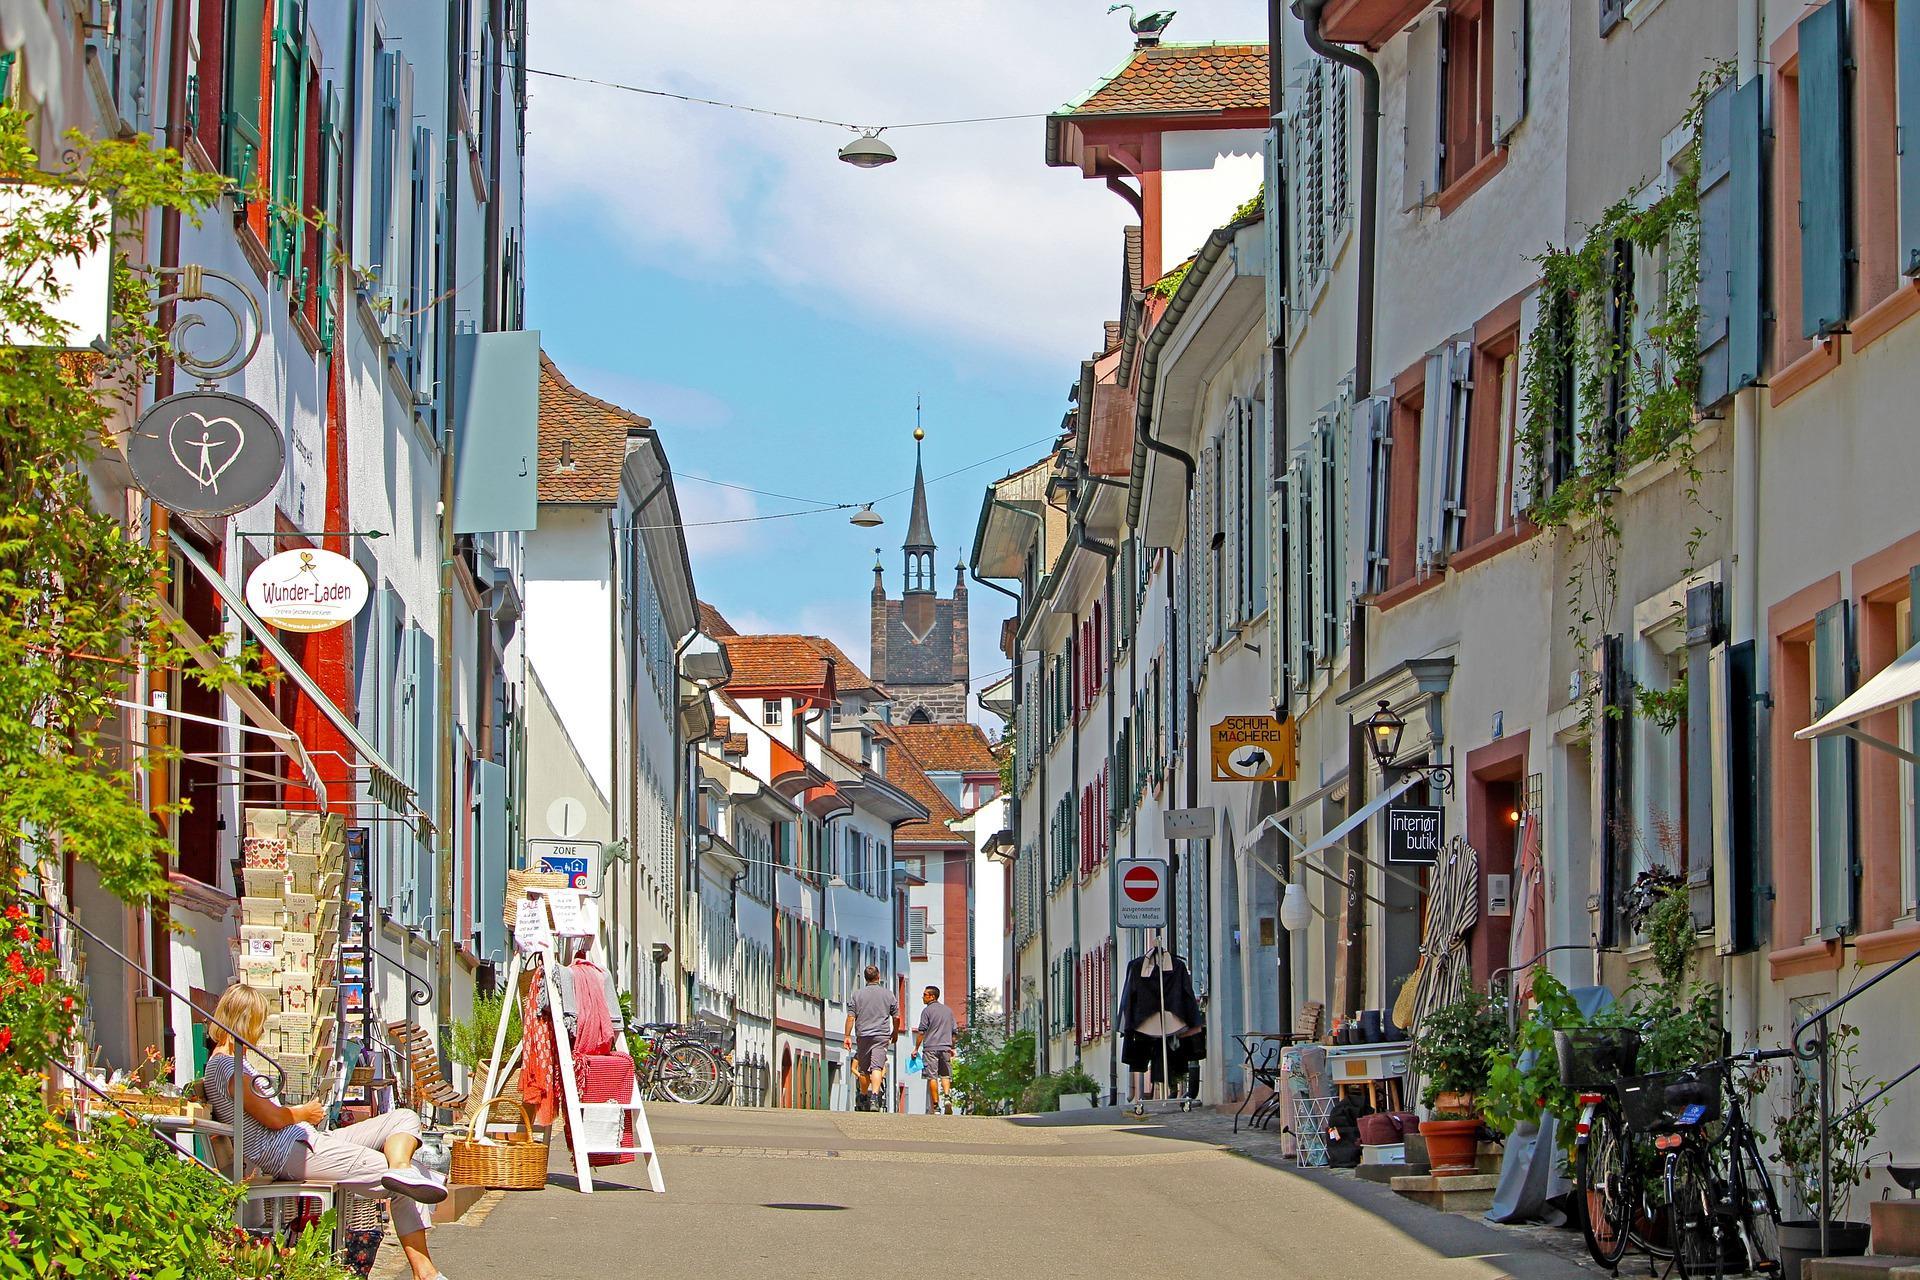 Bild STraße mit Läden, Quelle: Bild von Birgit Böllinger auf Pixabay